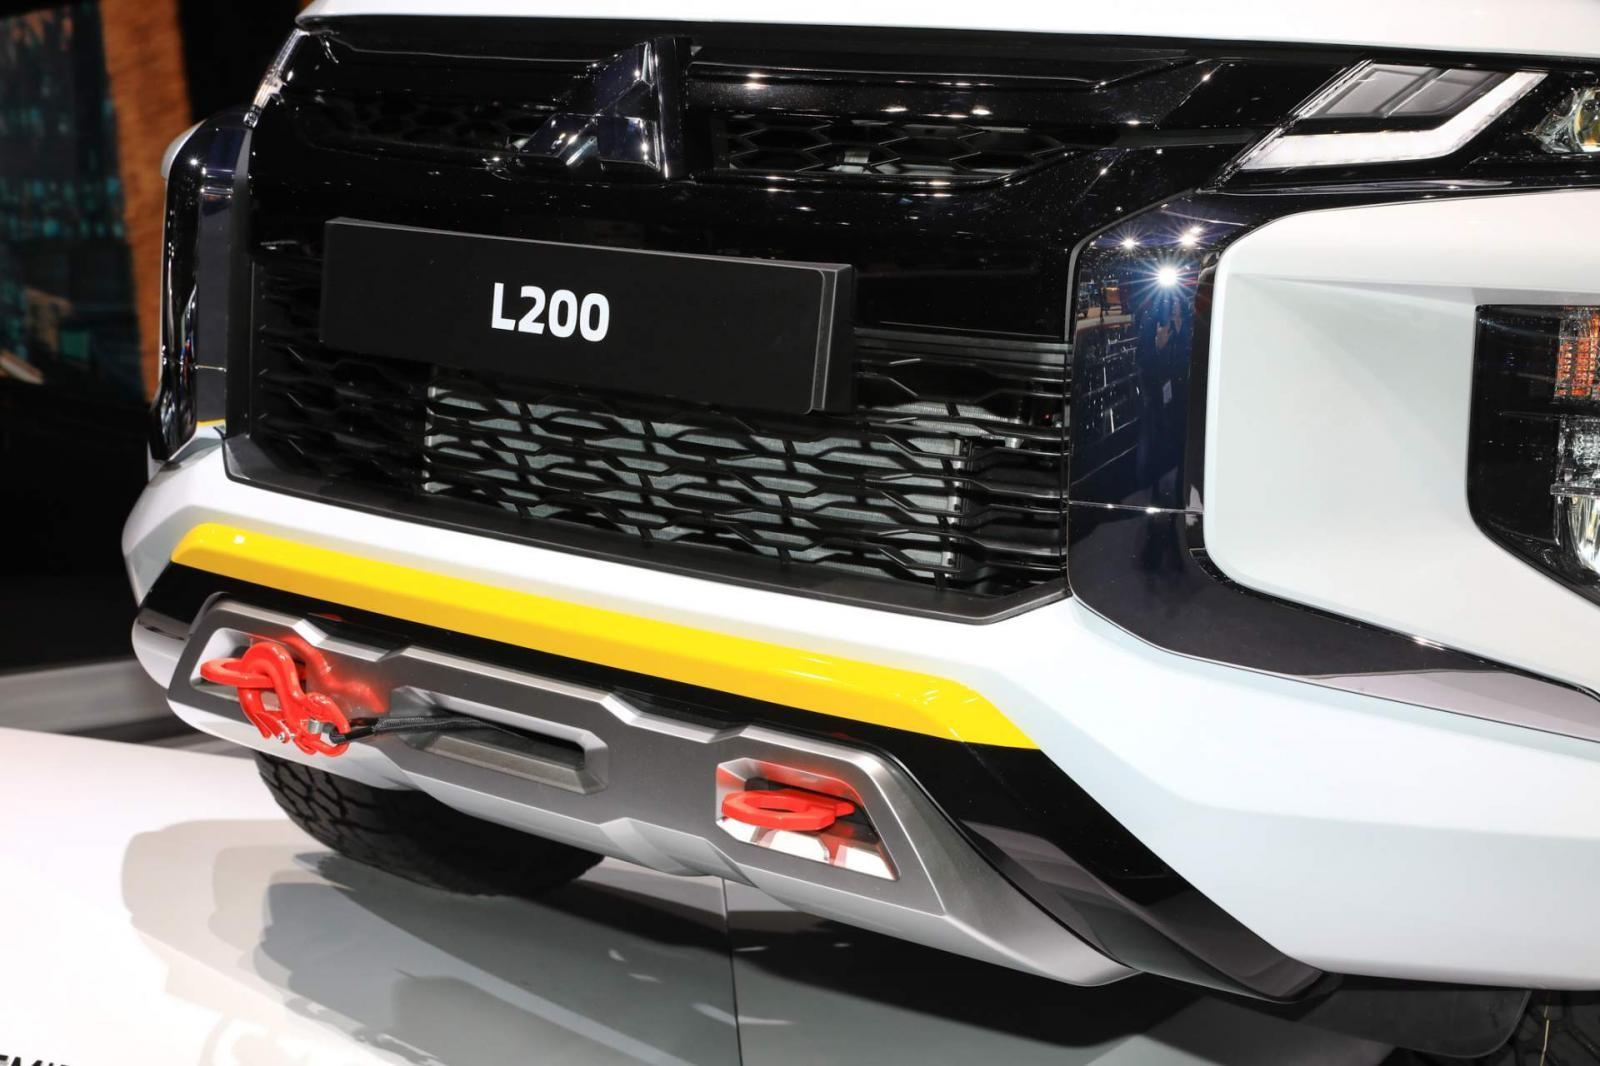 Tuy chỉ có dung tích là 2.0L nhưng với hệ thống tăng áp, Mitsubishi Triton tại trời Âu sẽ có khả năng vận hành ấn tượng hơn ở thị trường Việt